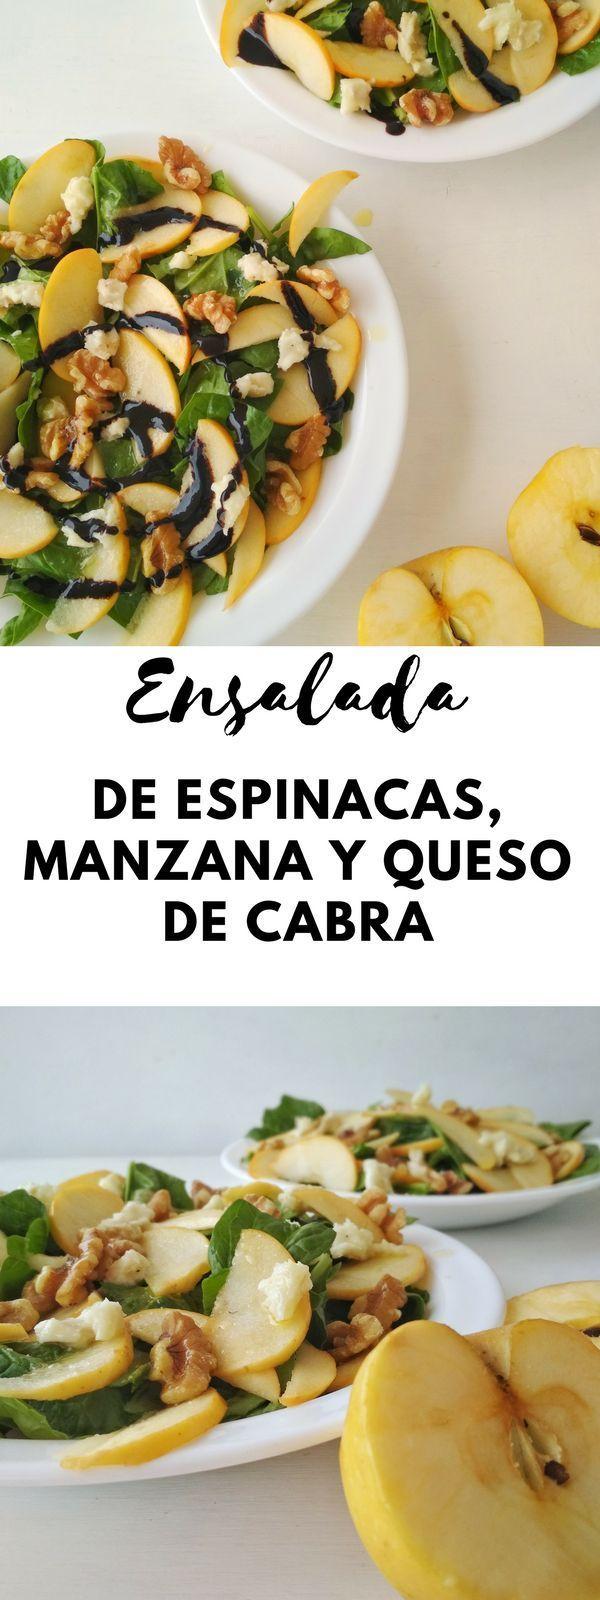 Ensalada de espinacas, manzana y queso de cabra | Tasty details | ¿Siempre te preparas las ensaladas de la misma manera? Aunque te guste mucho una ensalada determinada, para mi es súper importante ir variand